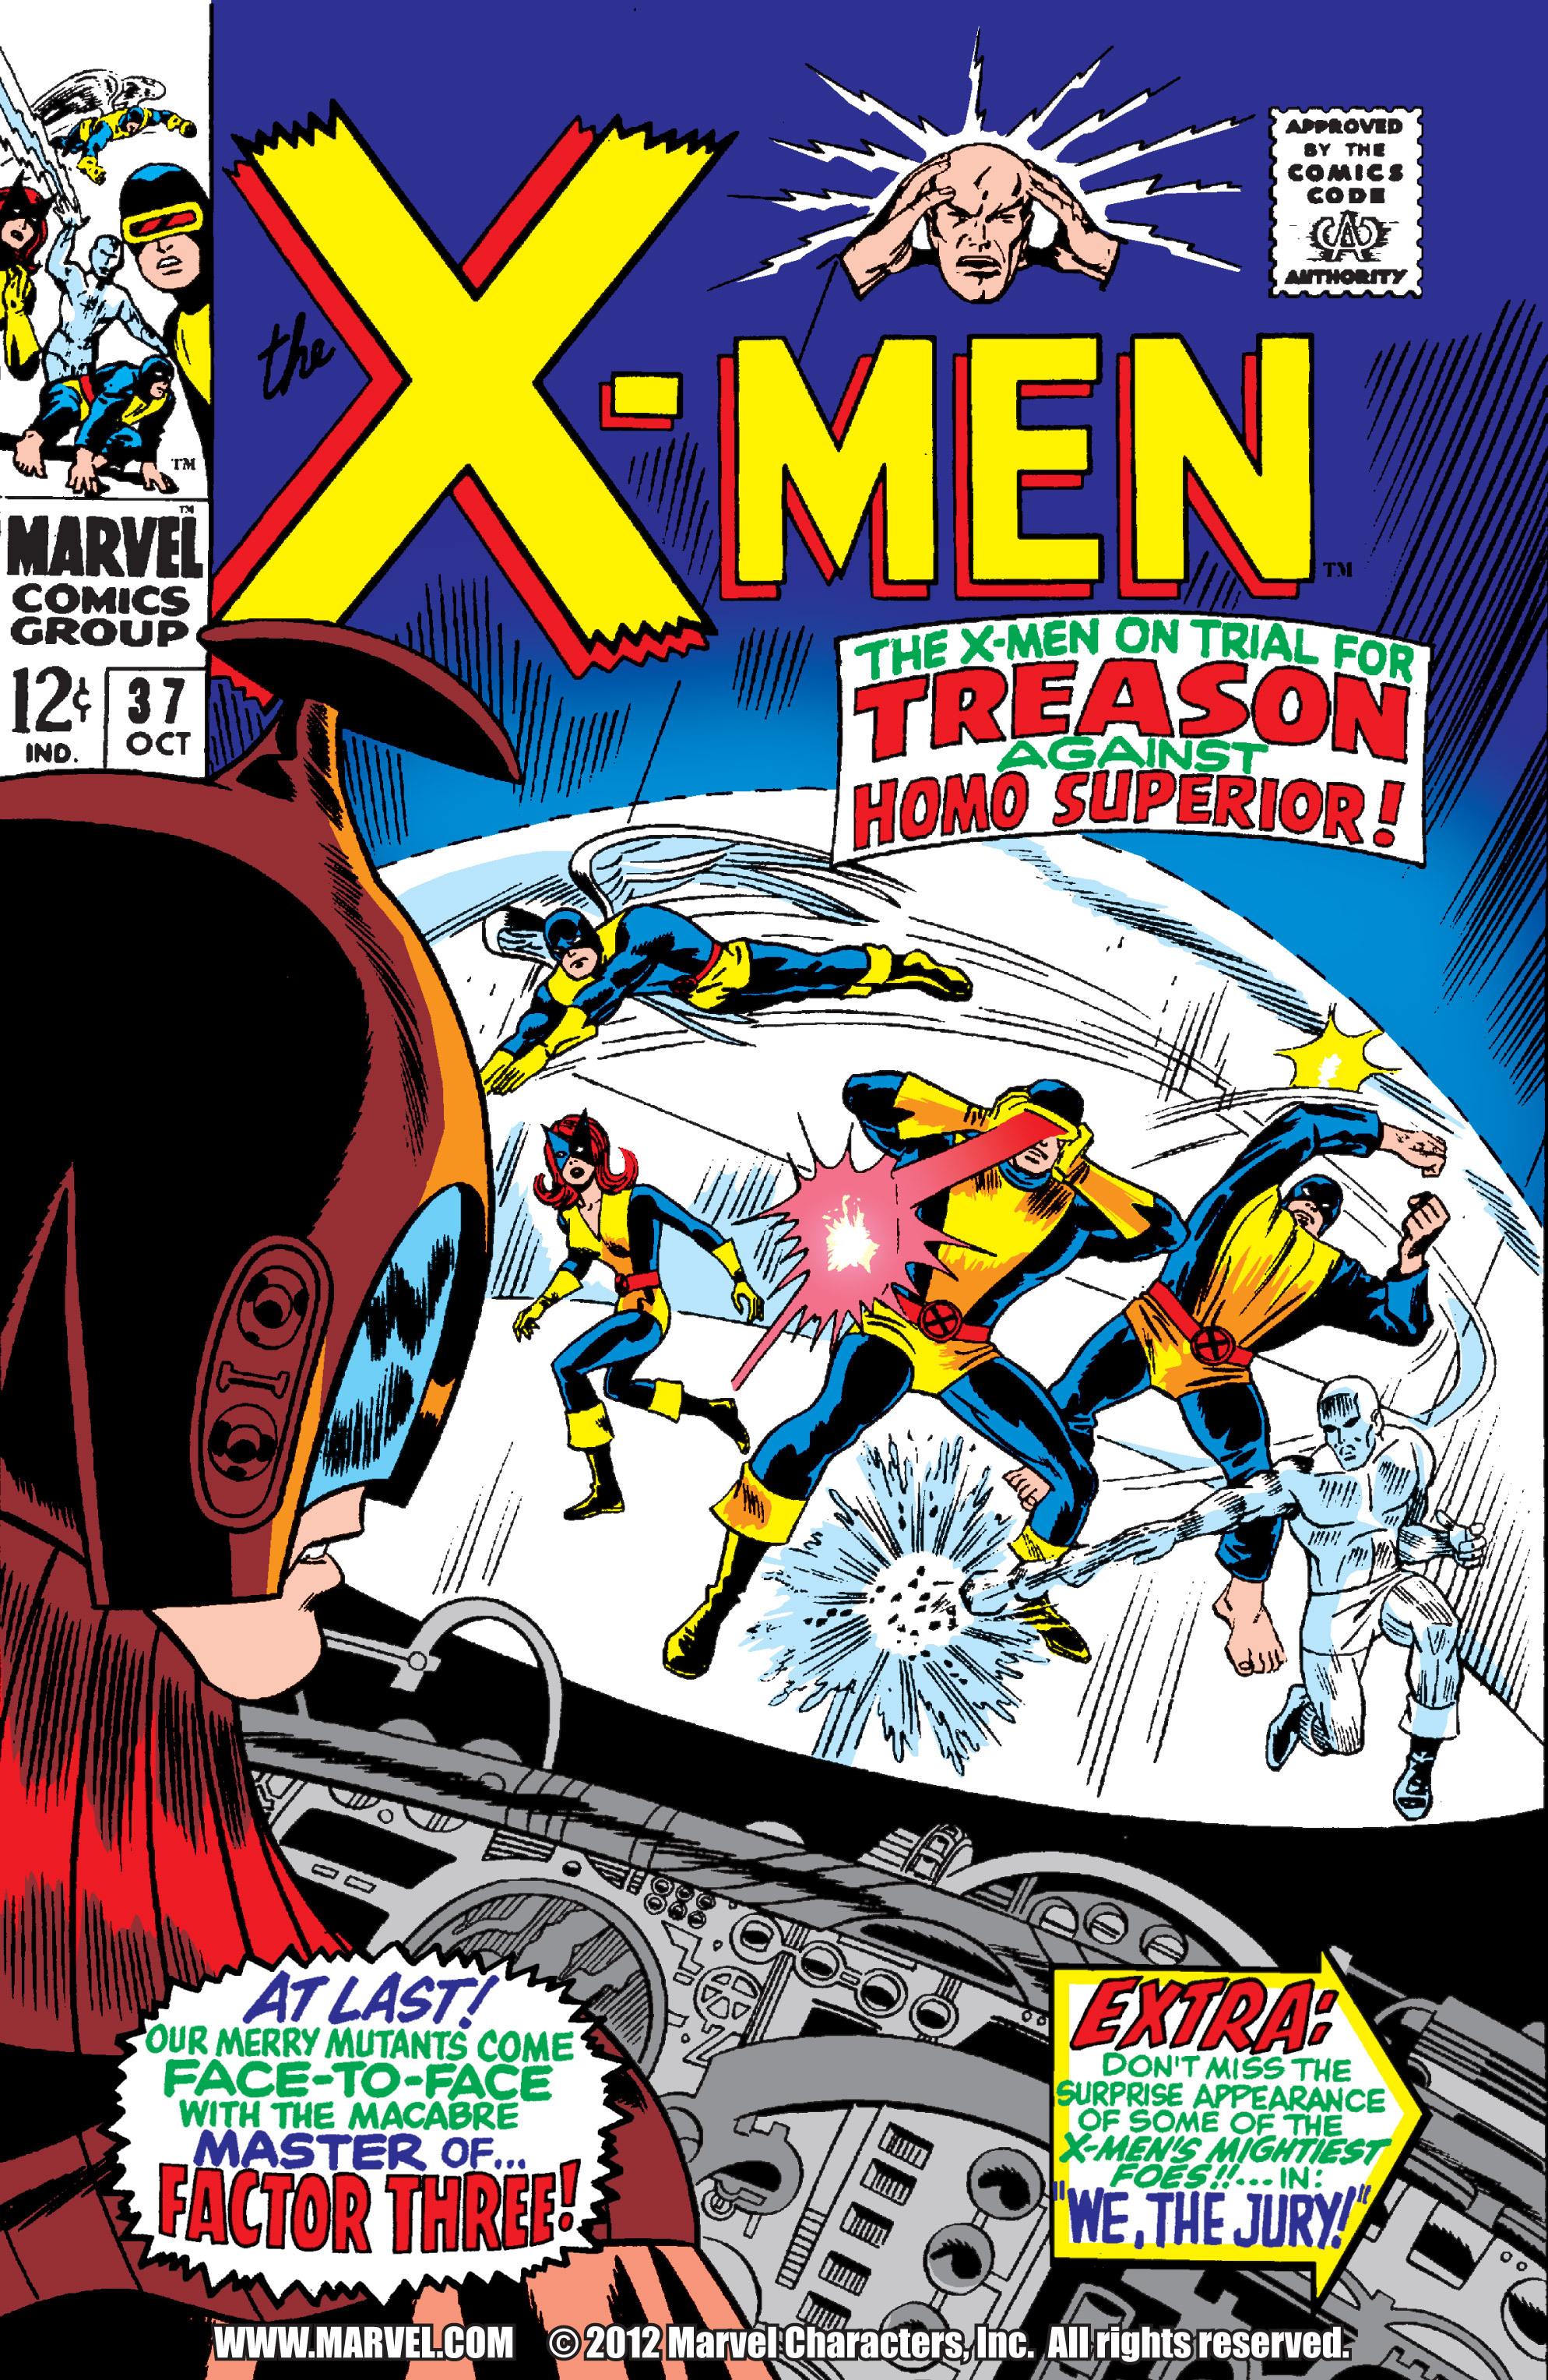 Uncanny X-Men (1963) 37 Page 1